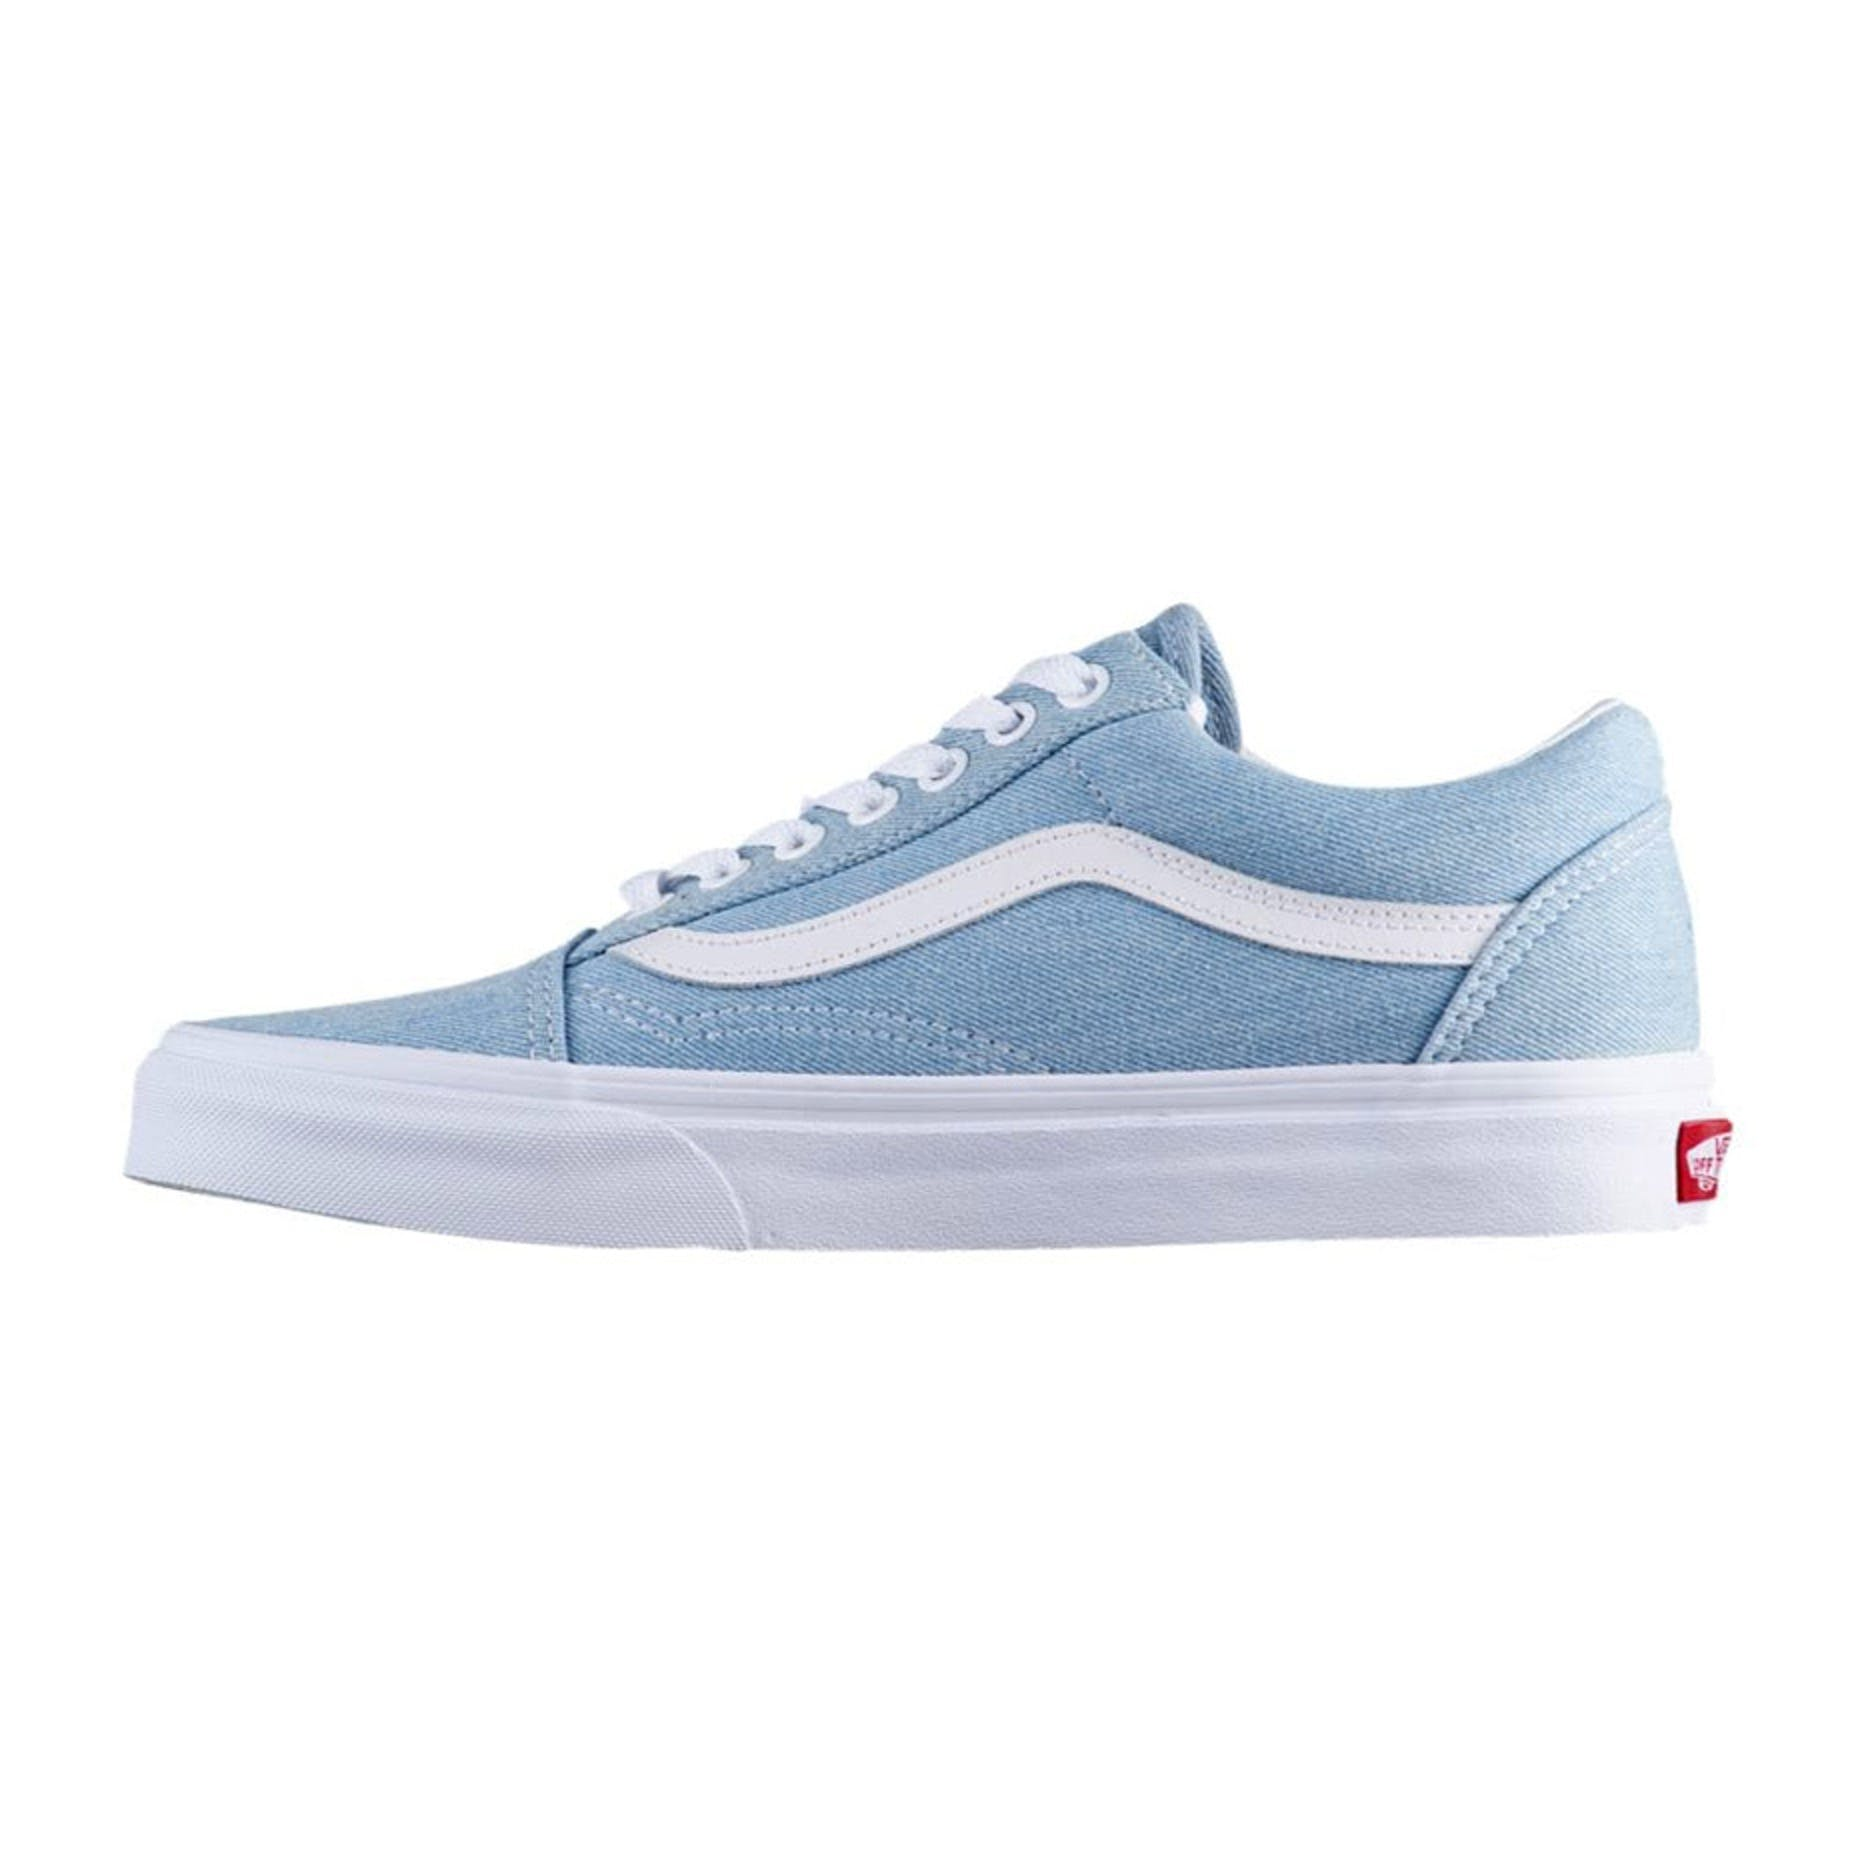 ef930ed2 Vans Old Skool Women's Skate Shoe - Denim / Baby Blue